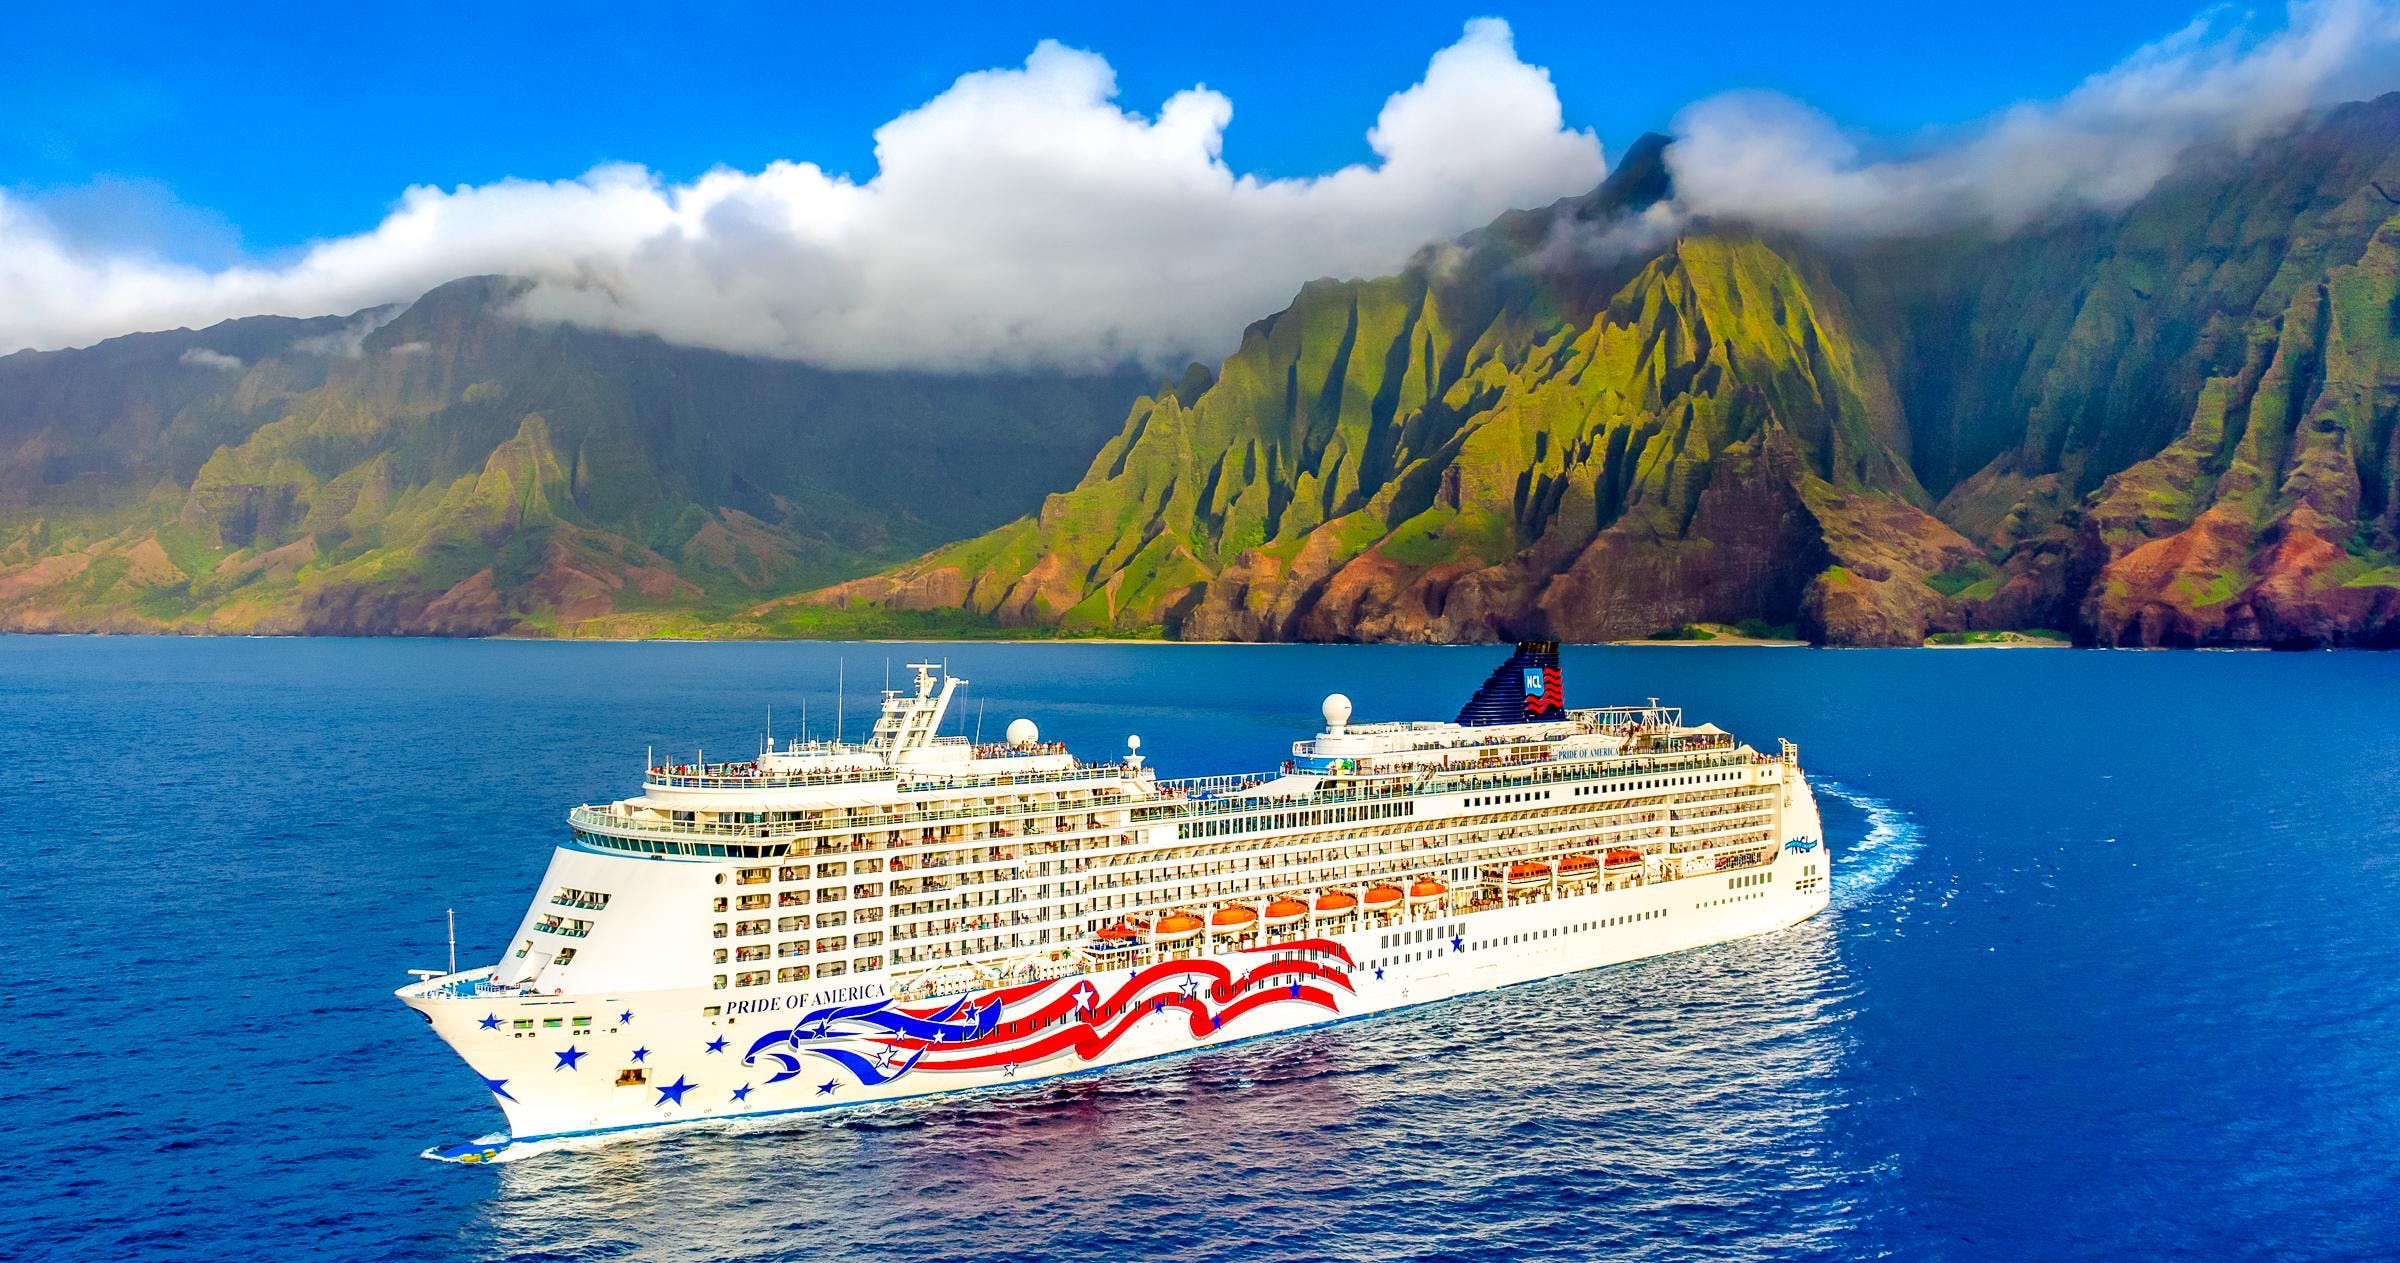 Cruise Ship Job Fair - Phoenix, AZ - June 18th - 9am or 2pm Check-in